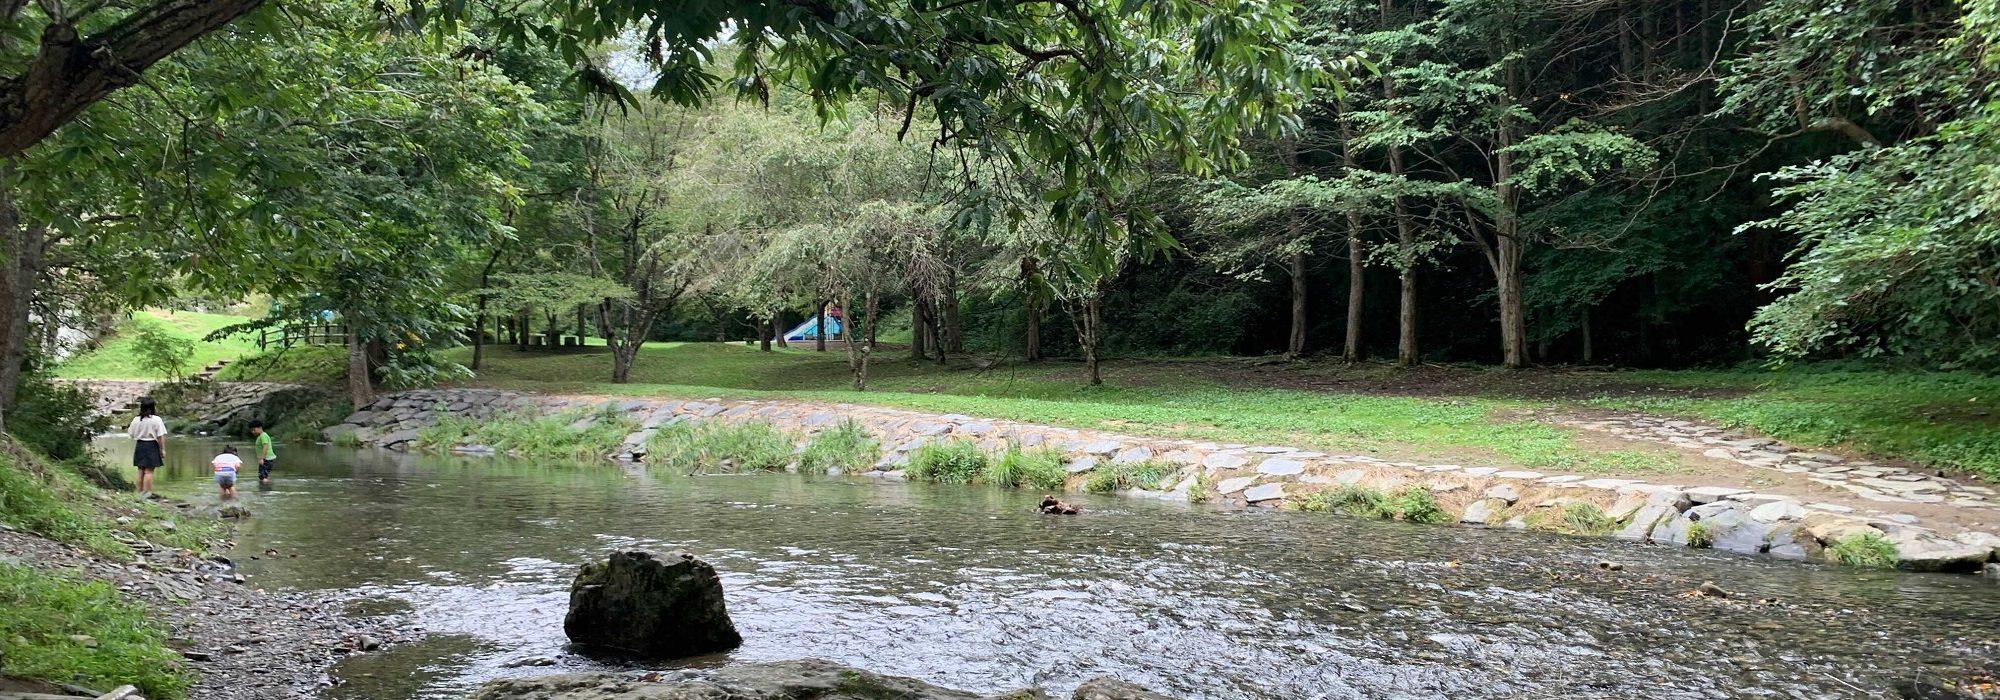 子どもを遊ばせることの出来る浅く綺麗な水場